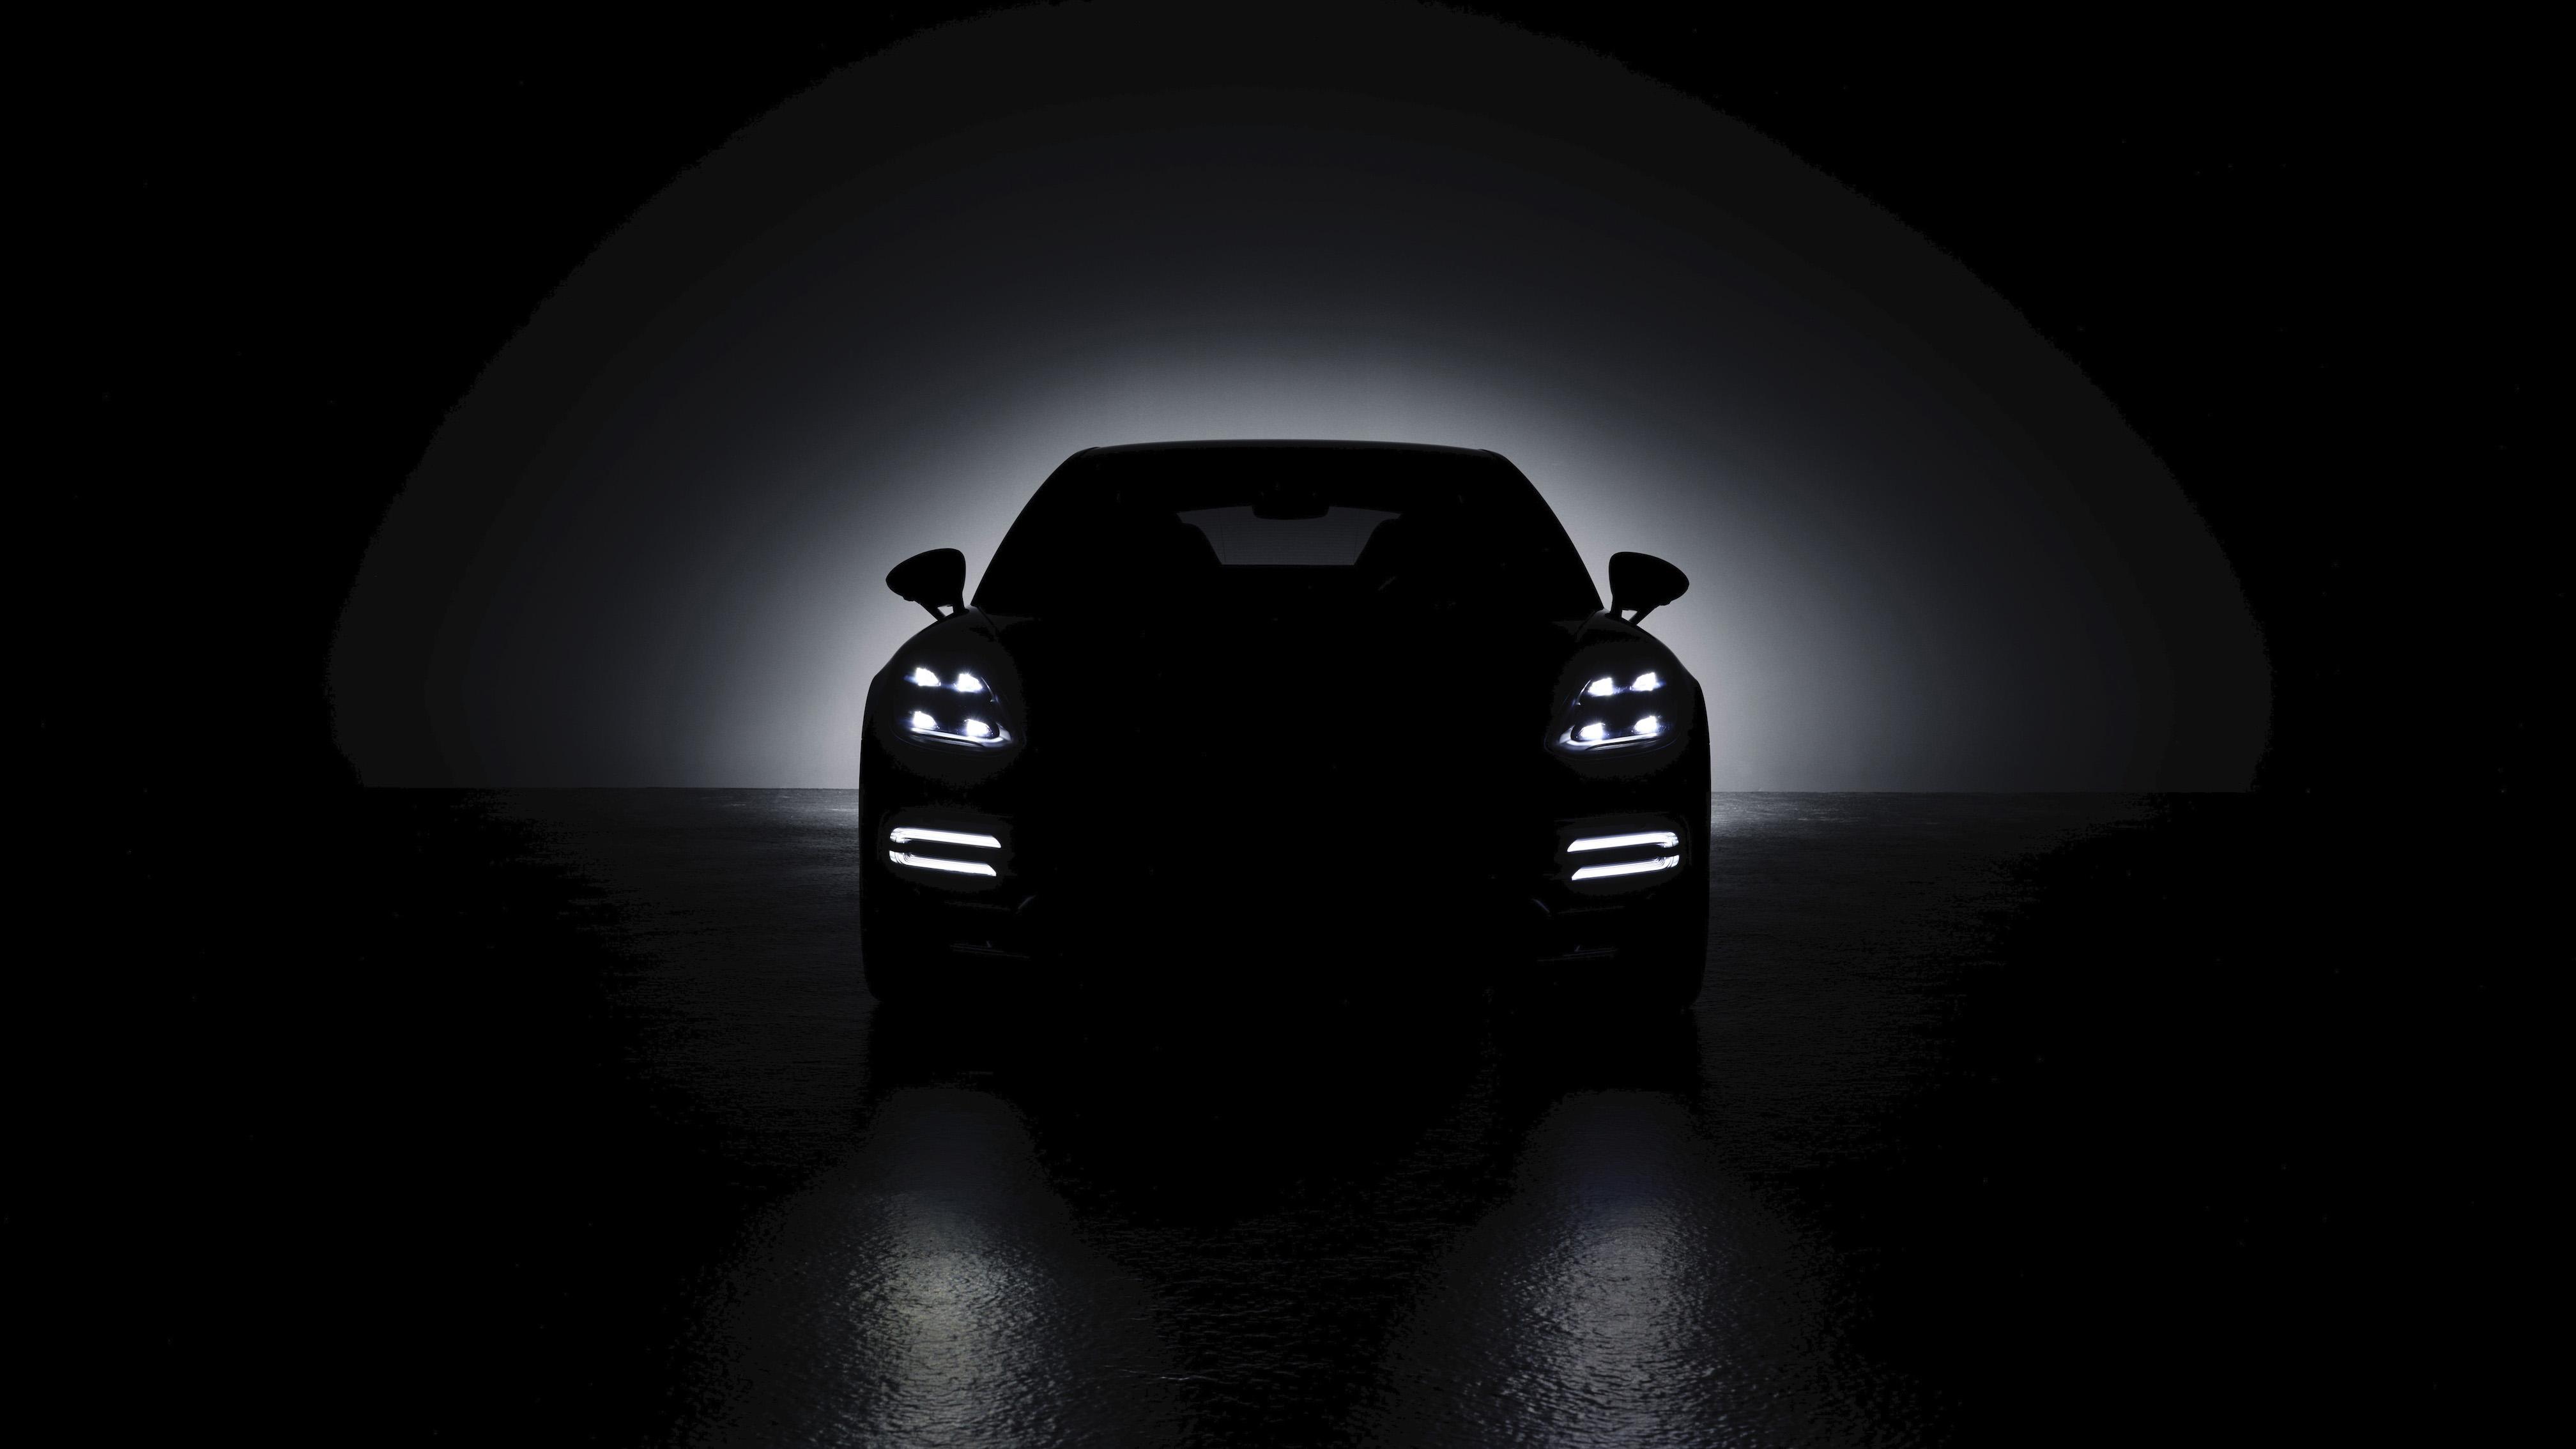 ▲ 最速主管級房車,小改款 Porsche Panamera 將於 8 月 26 日登場